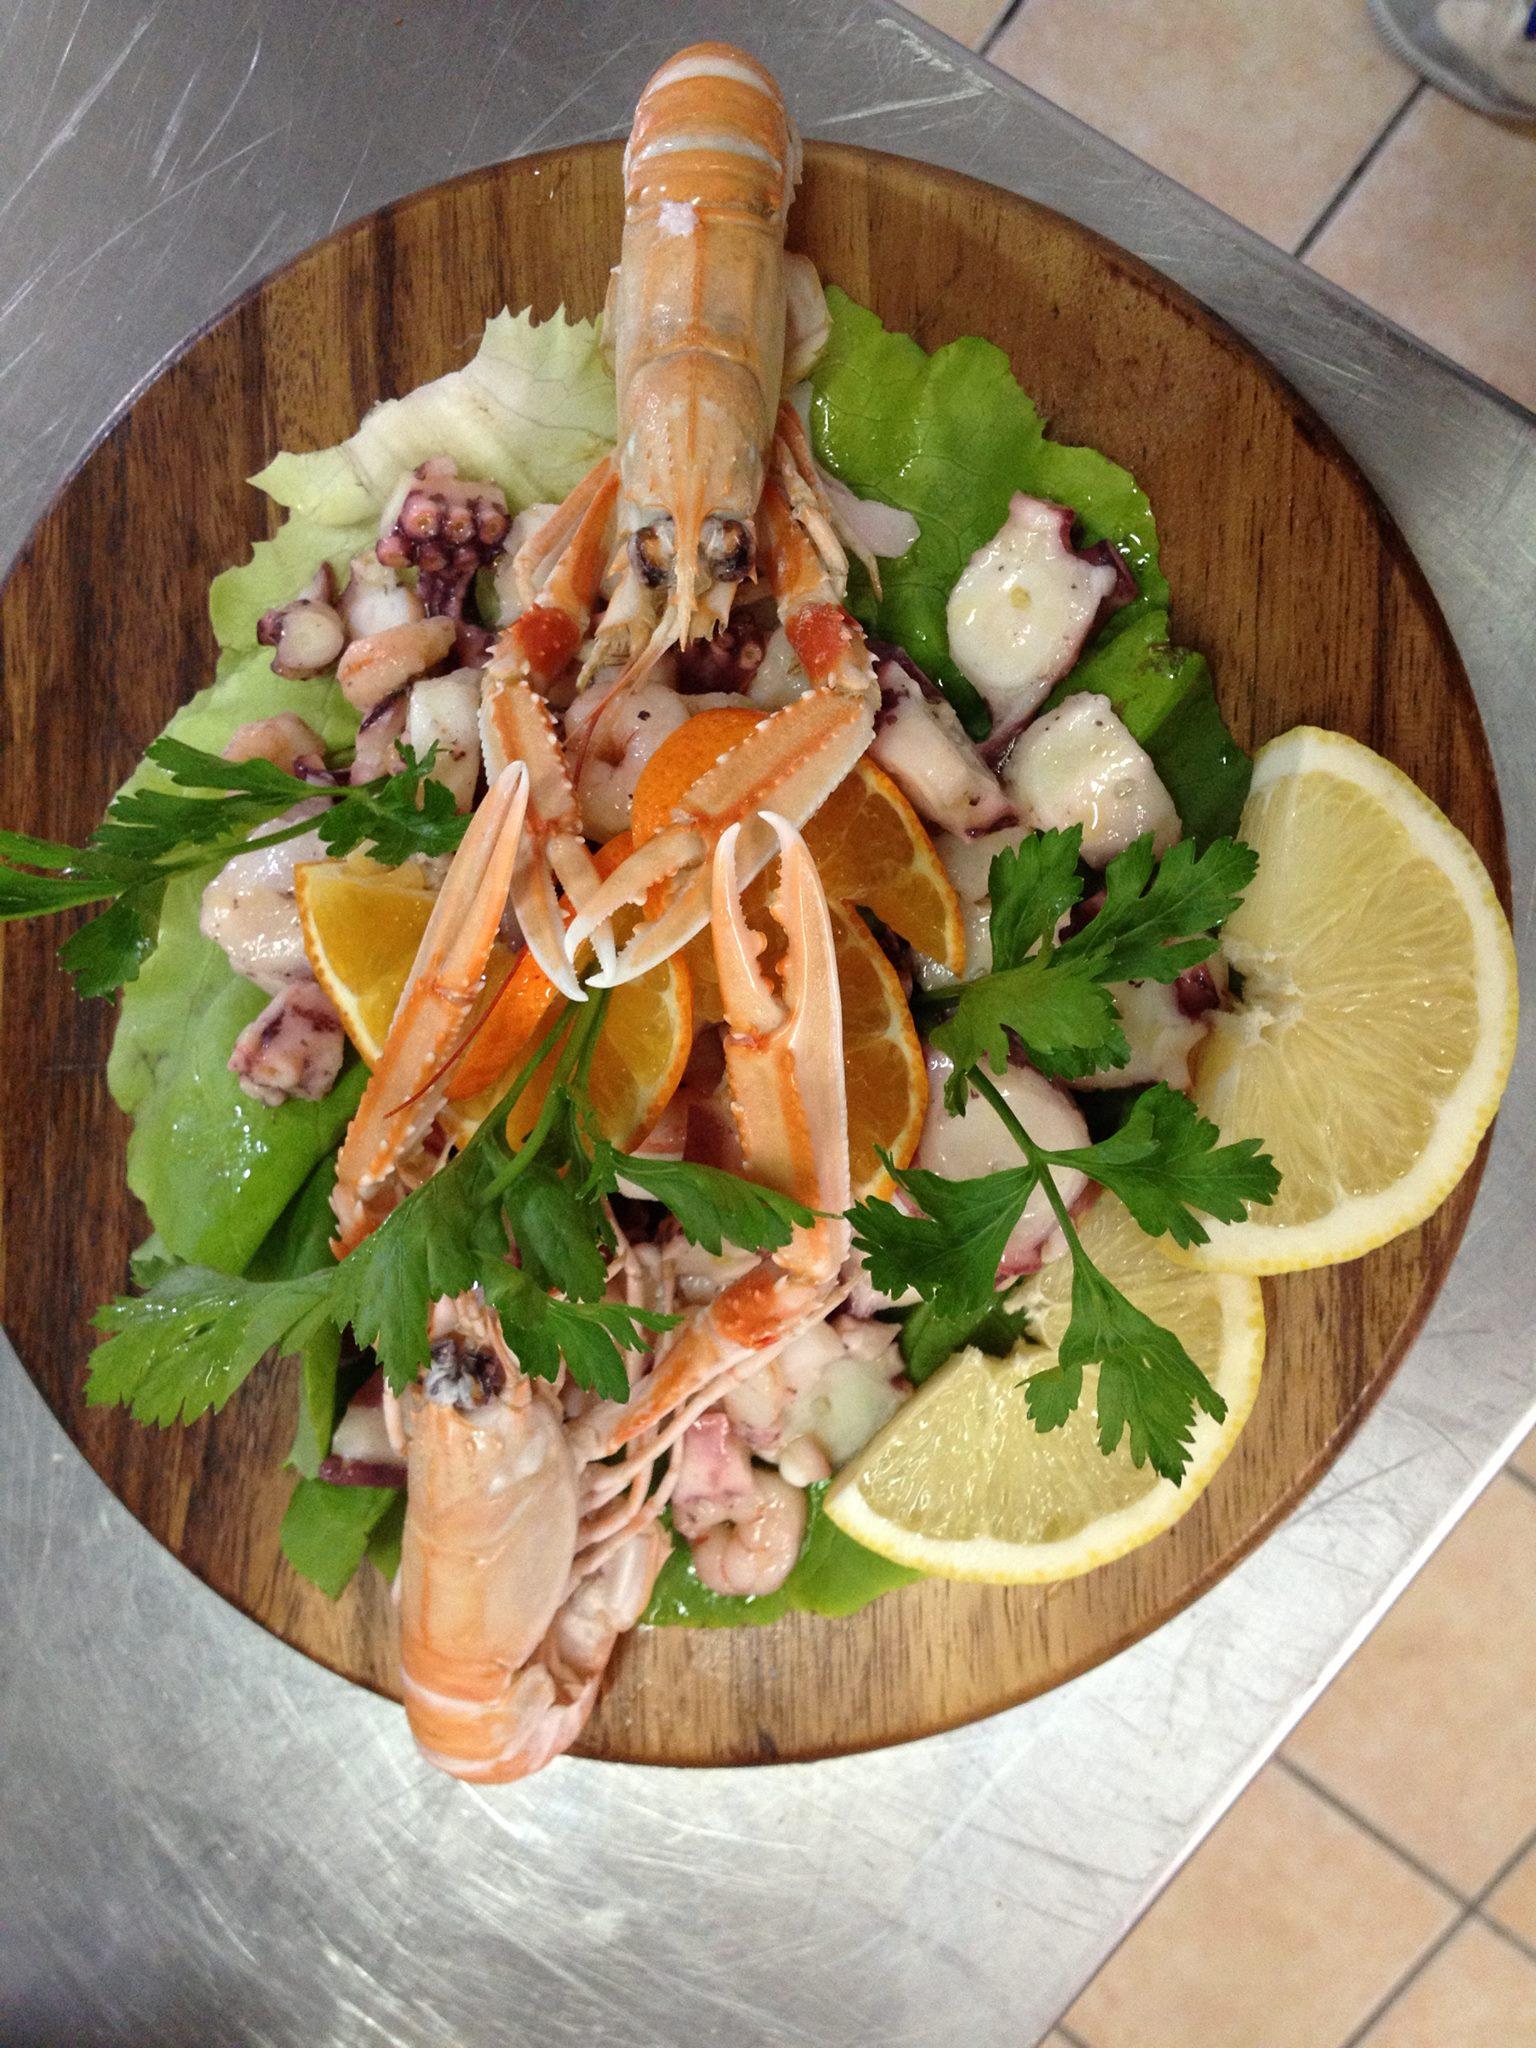 un tagliere con dell'insalata e del pesce